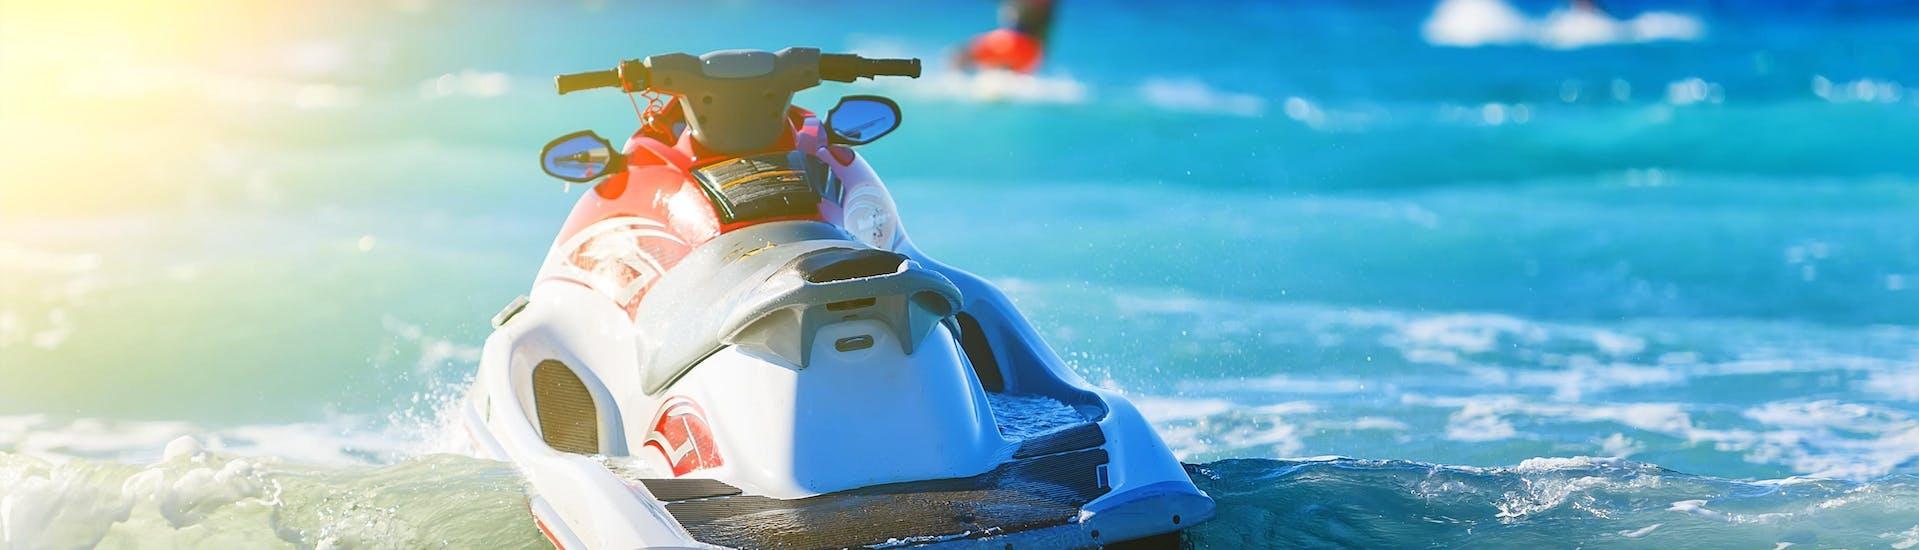 Una moto de agua está flotando en el mar, lista para ser usada por cualquiera que quiera montar una moto de agua en Algarve.